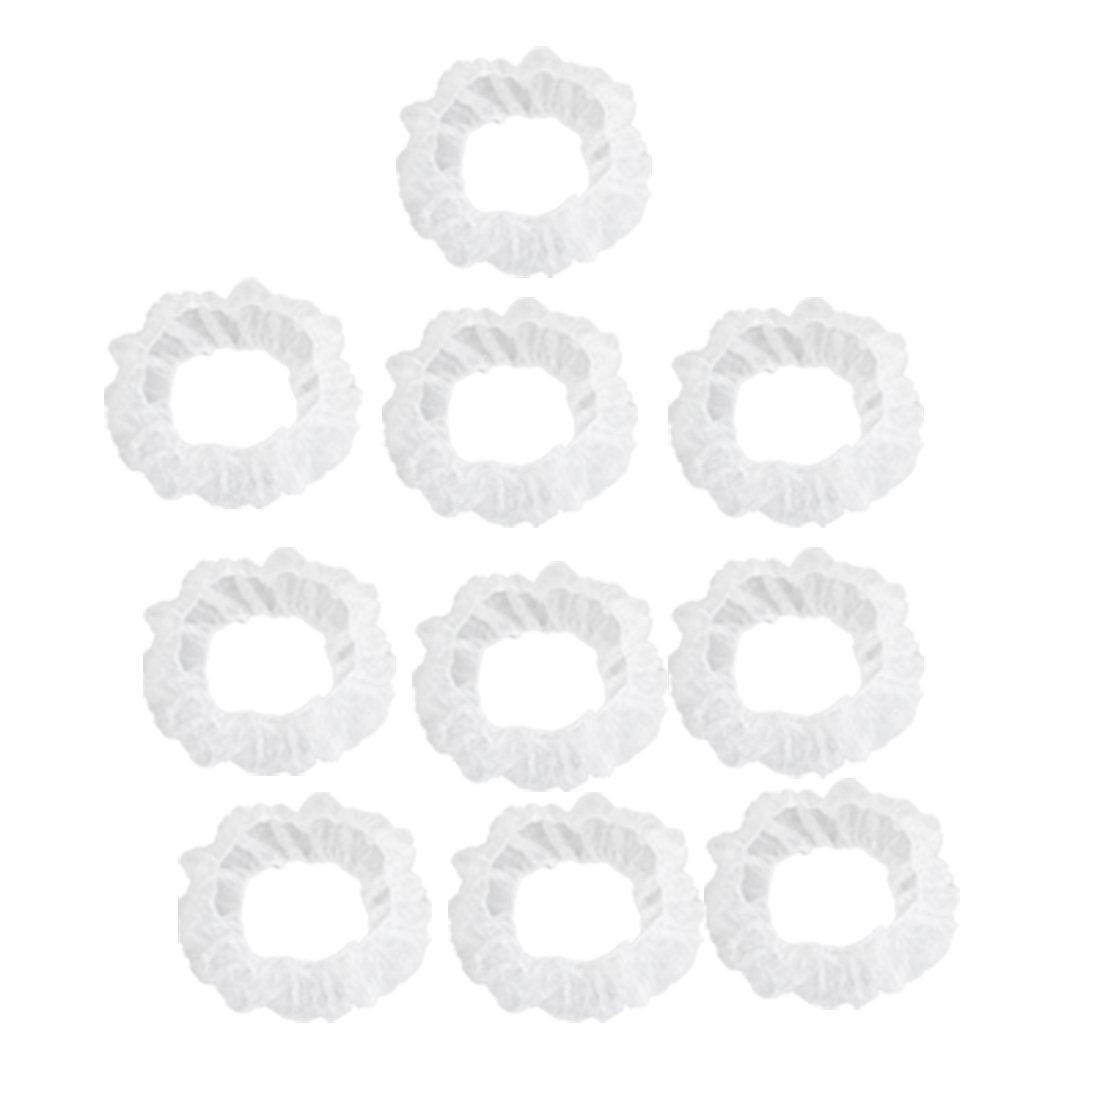 Sourcingmap Lot de 10 pi/èces en Plastique jetables Transparent Blanc Housse de Volant pour Voiture